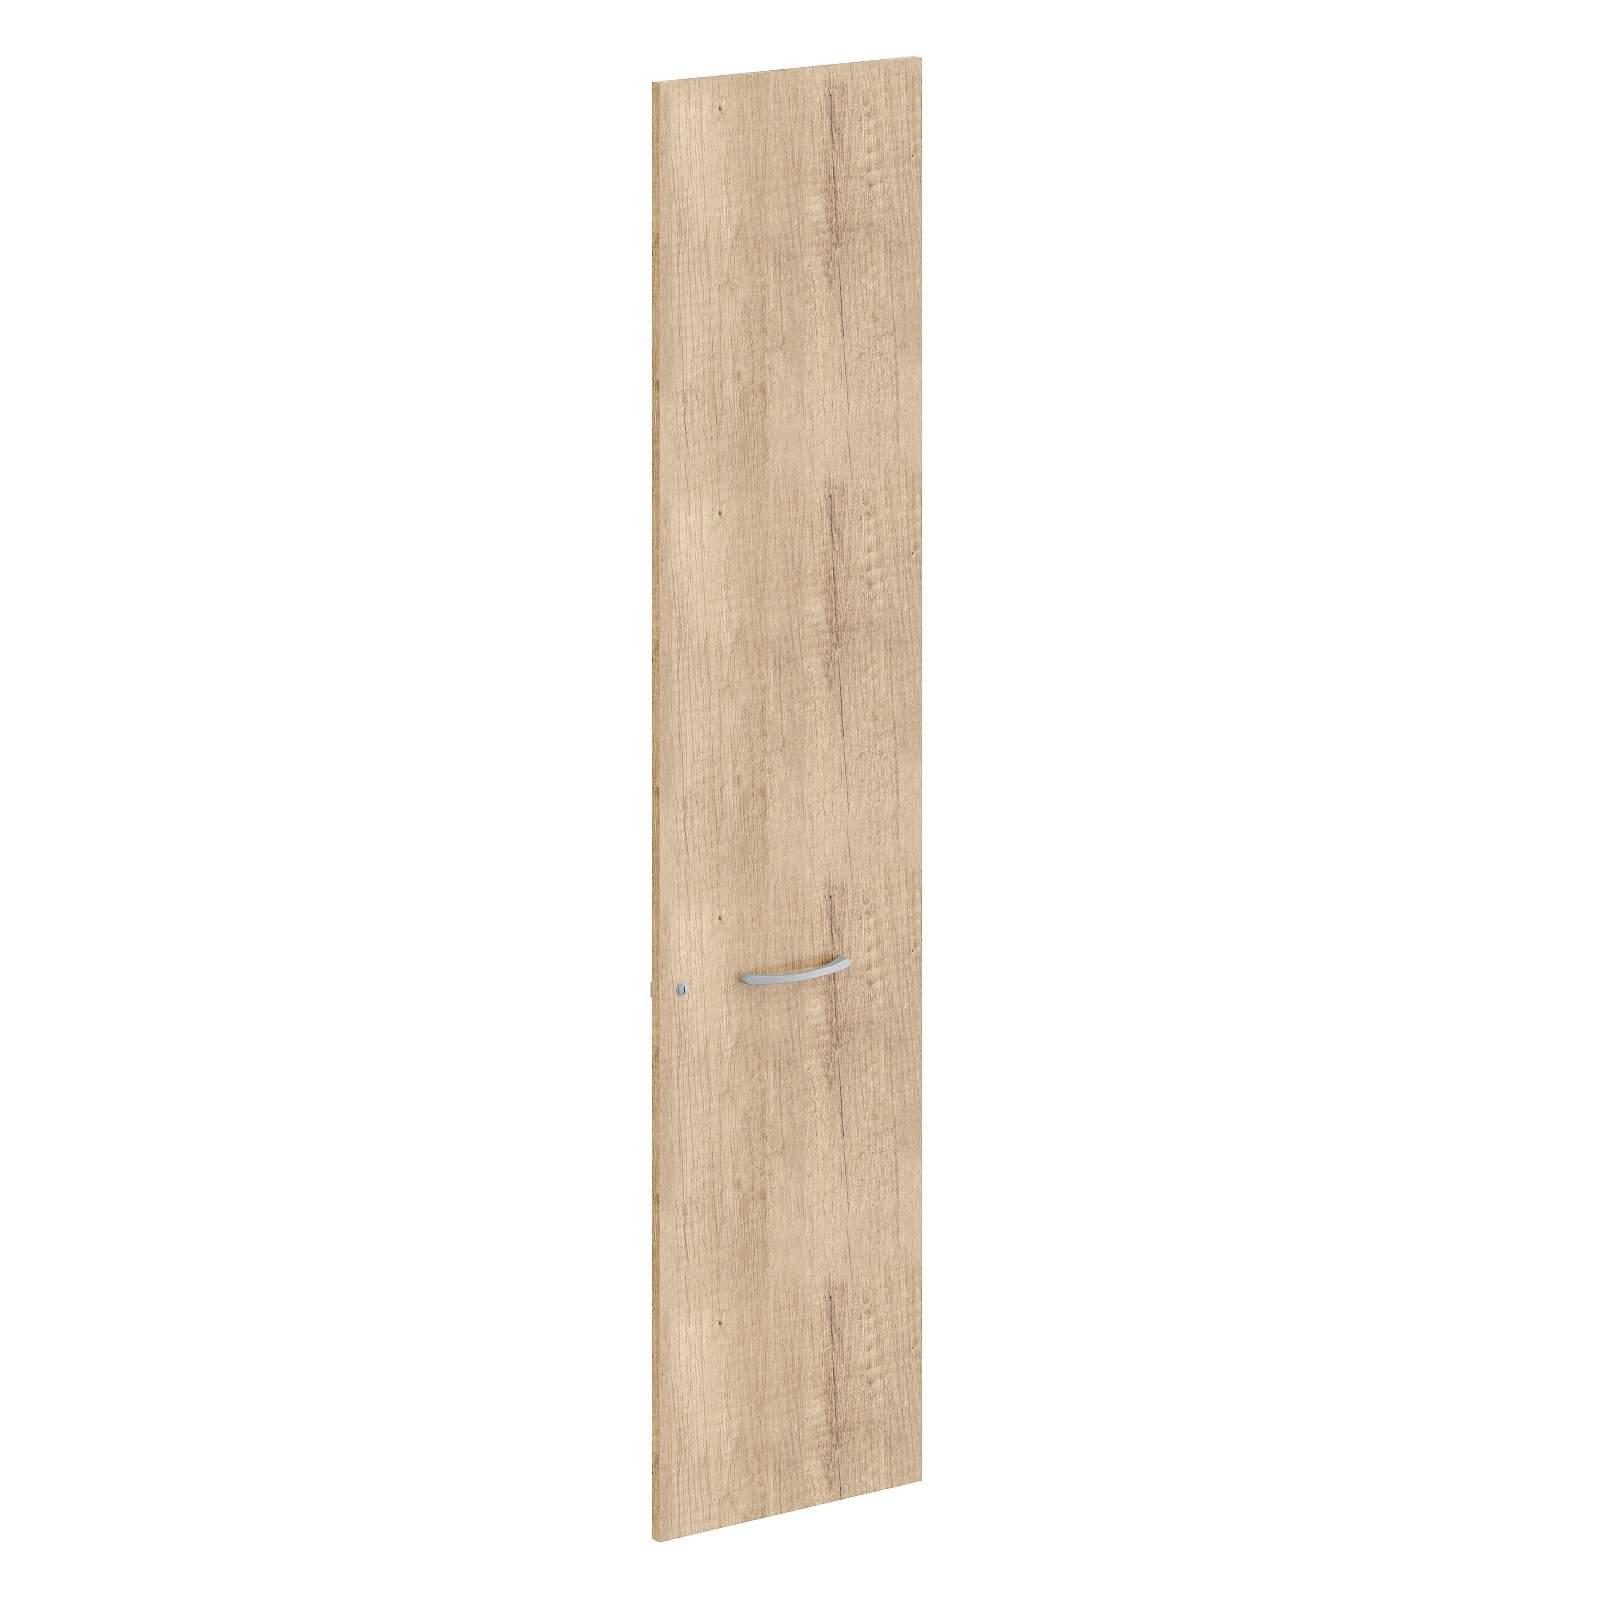 Двери шкафа средние с замком 422x18x1132